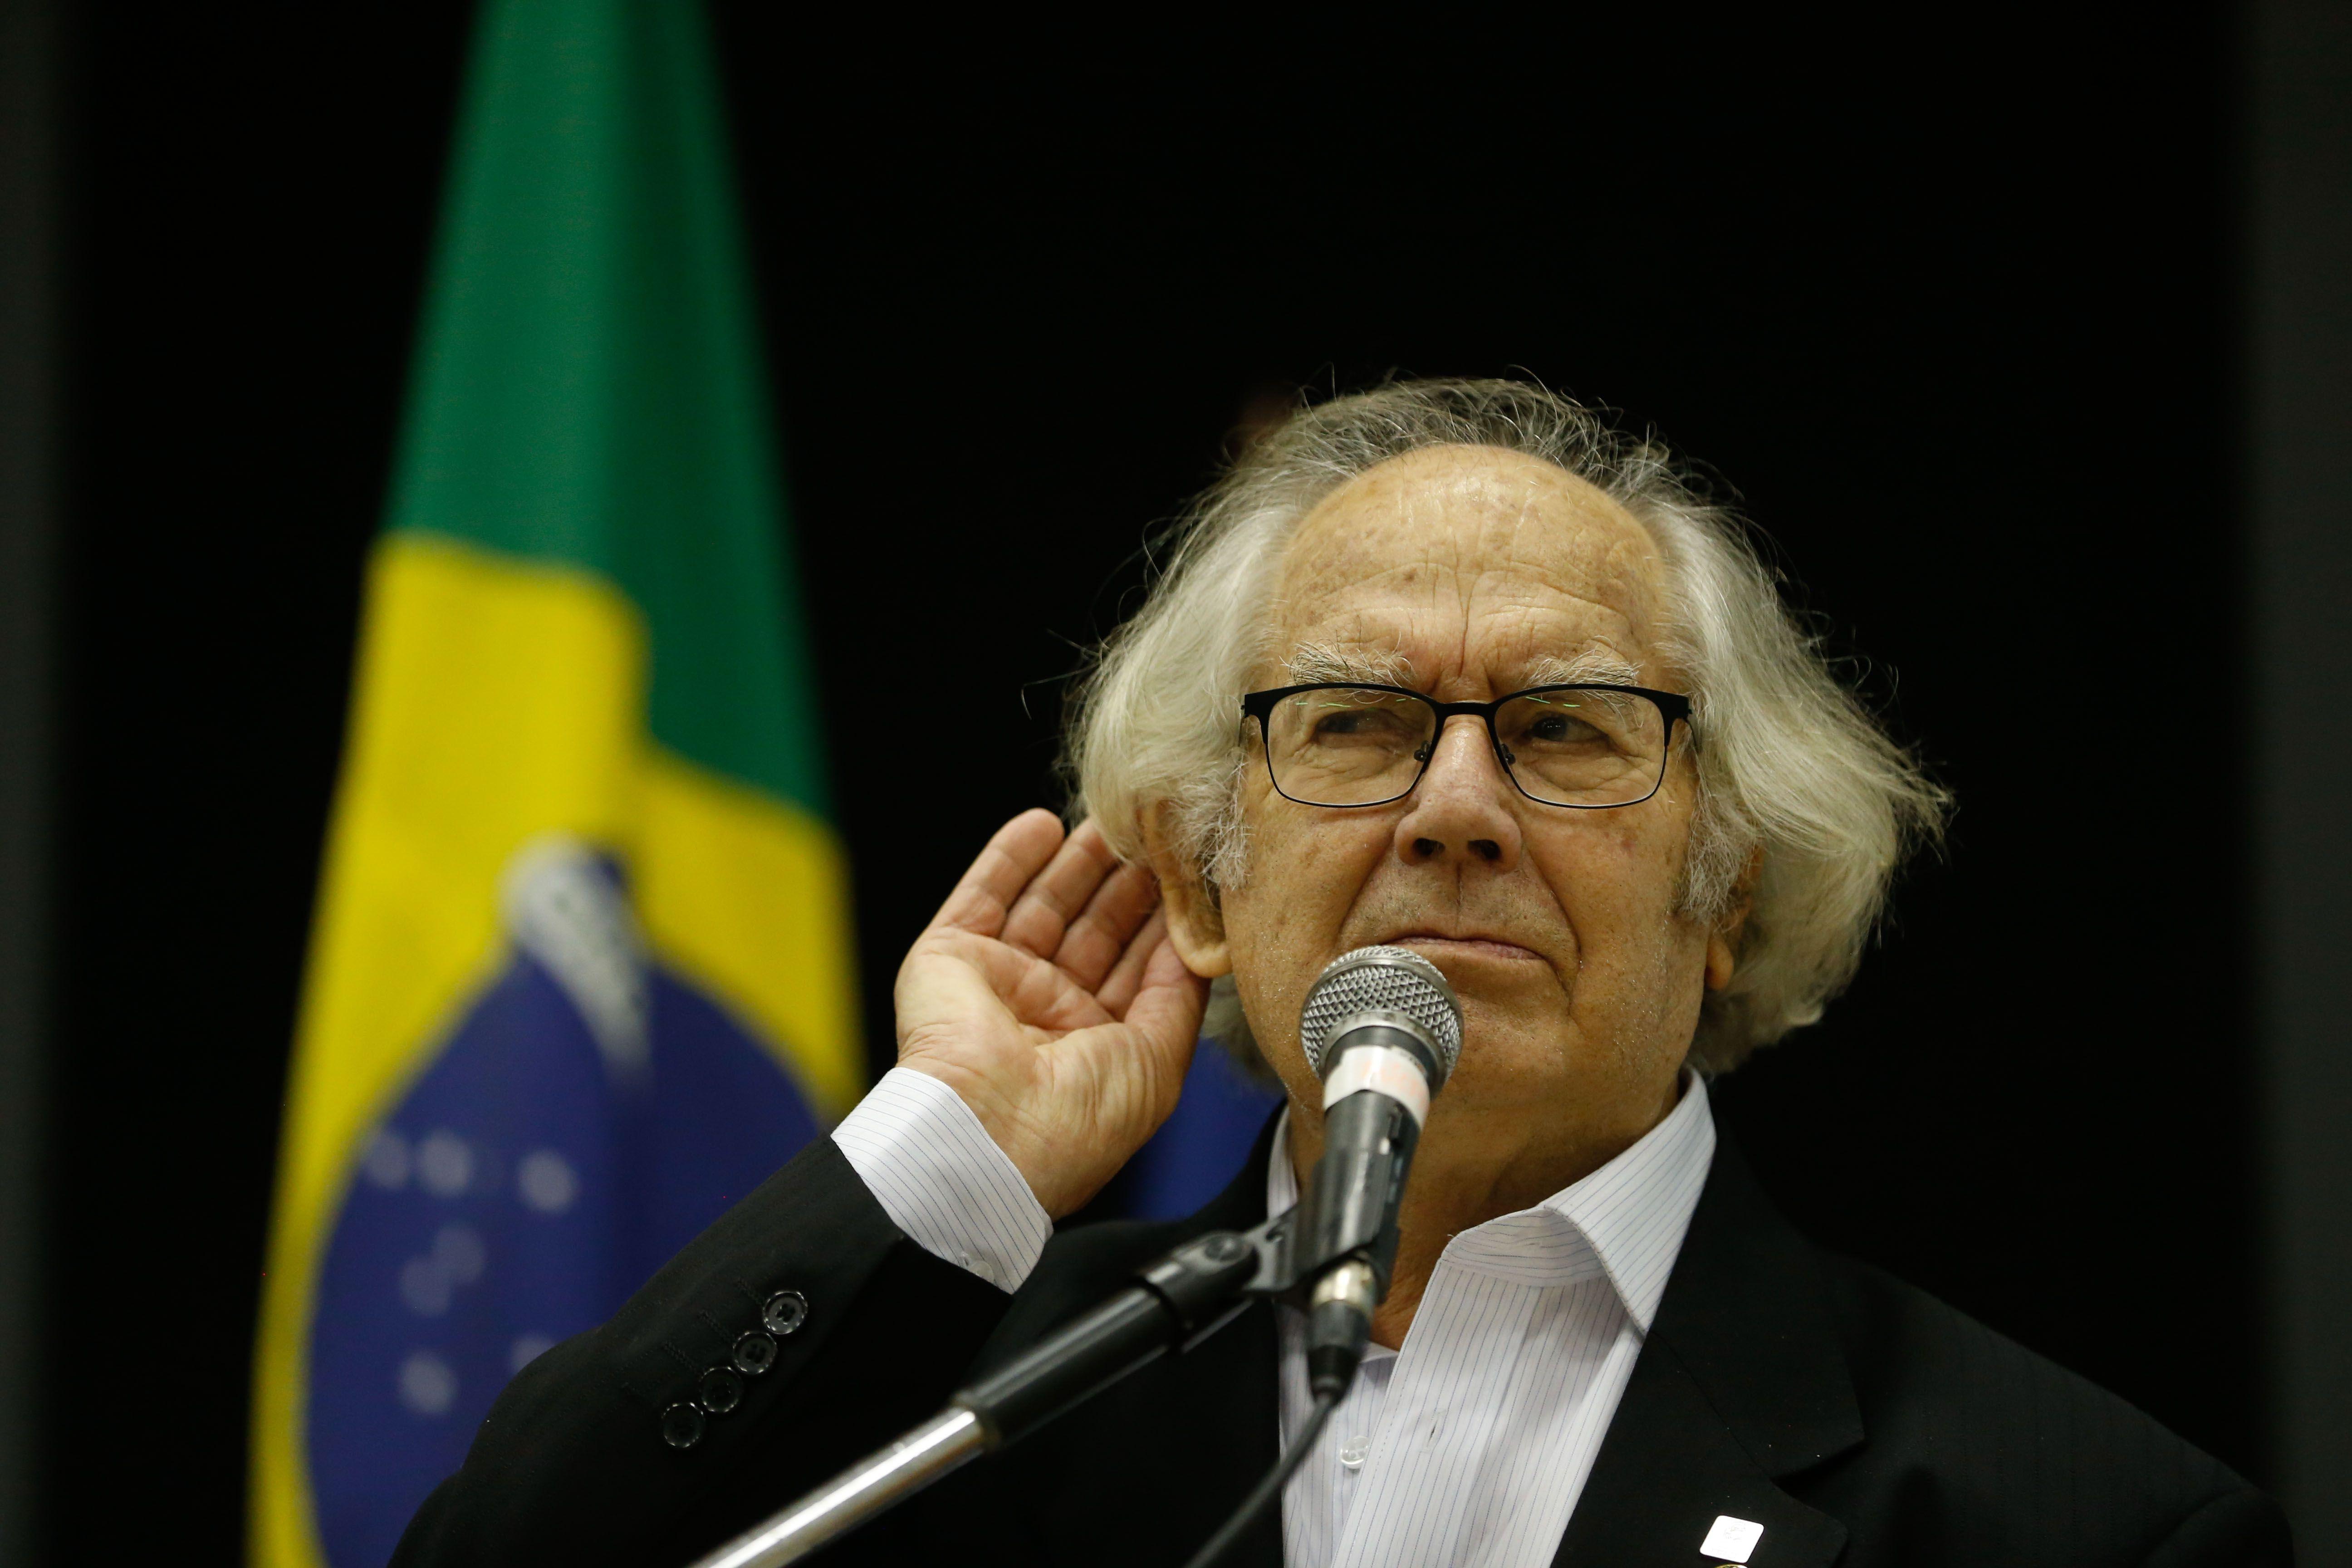 Tânia Mandarino:  Esquivel retornou a Argentina e ainda não há decisão sobre o primeiro pedido de visita a Lula; quando o juiz se cala, cala os direitos